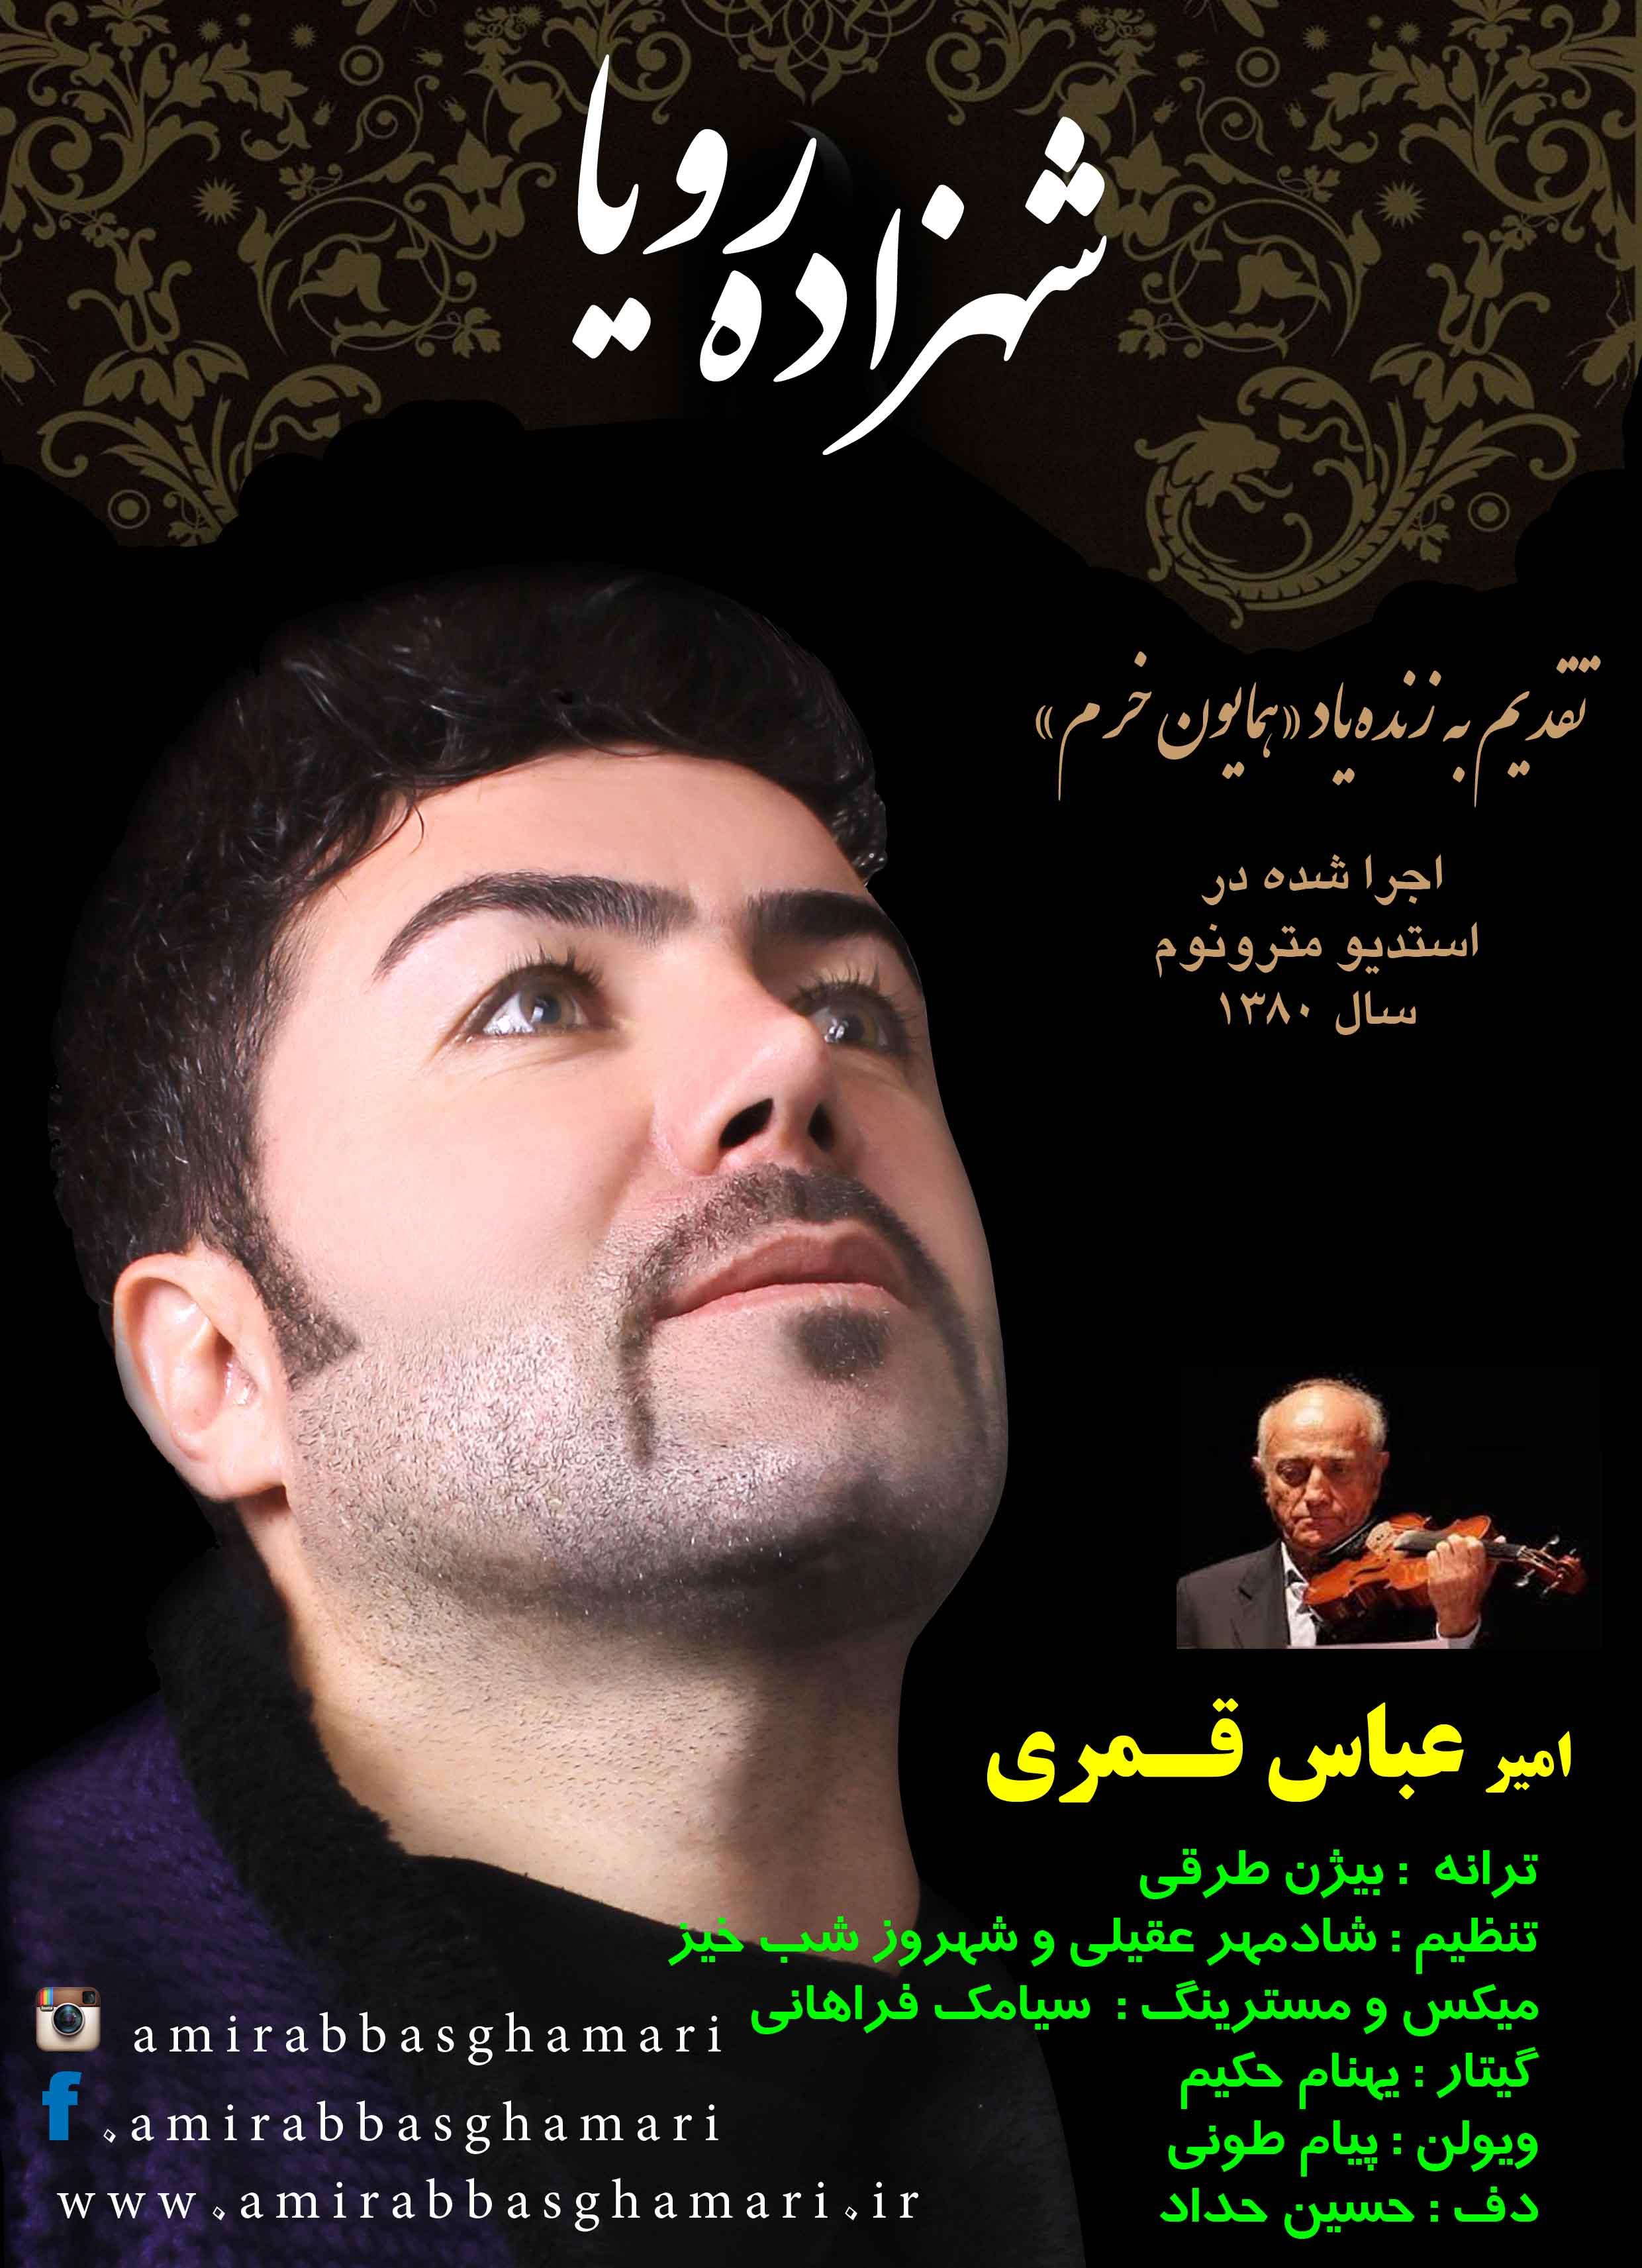 دانلود آهنگ جدید عباس قمري به نام رويا